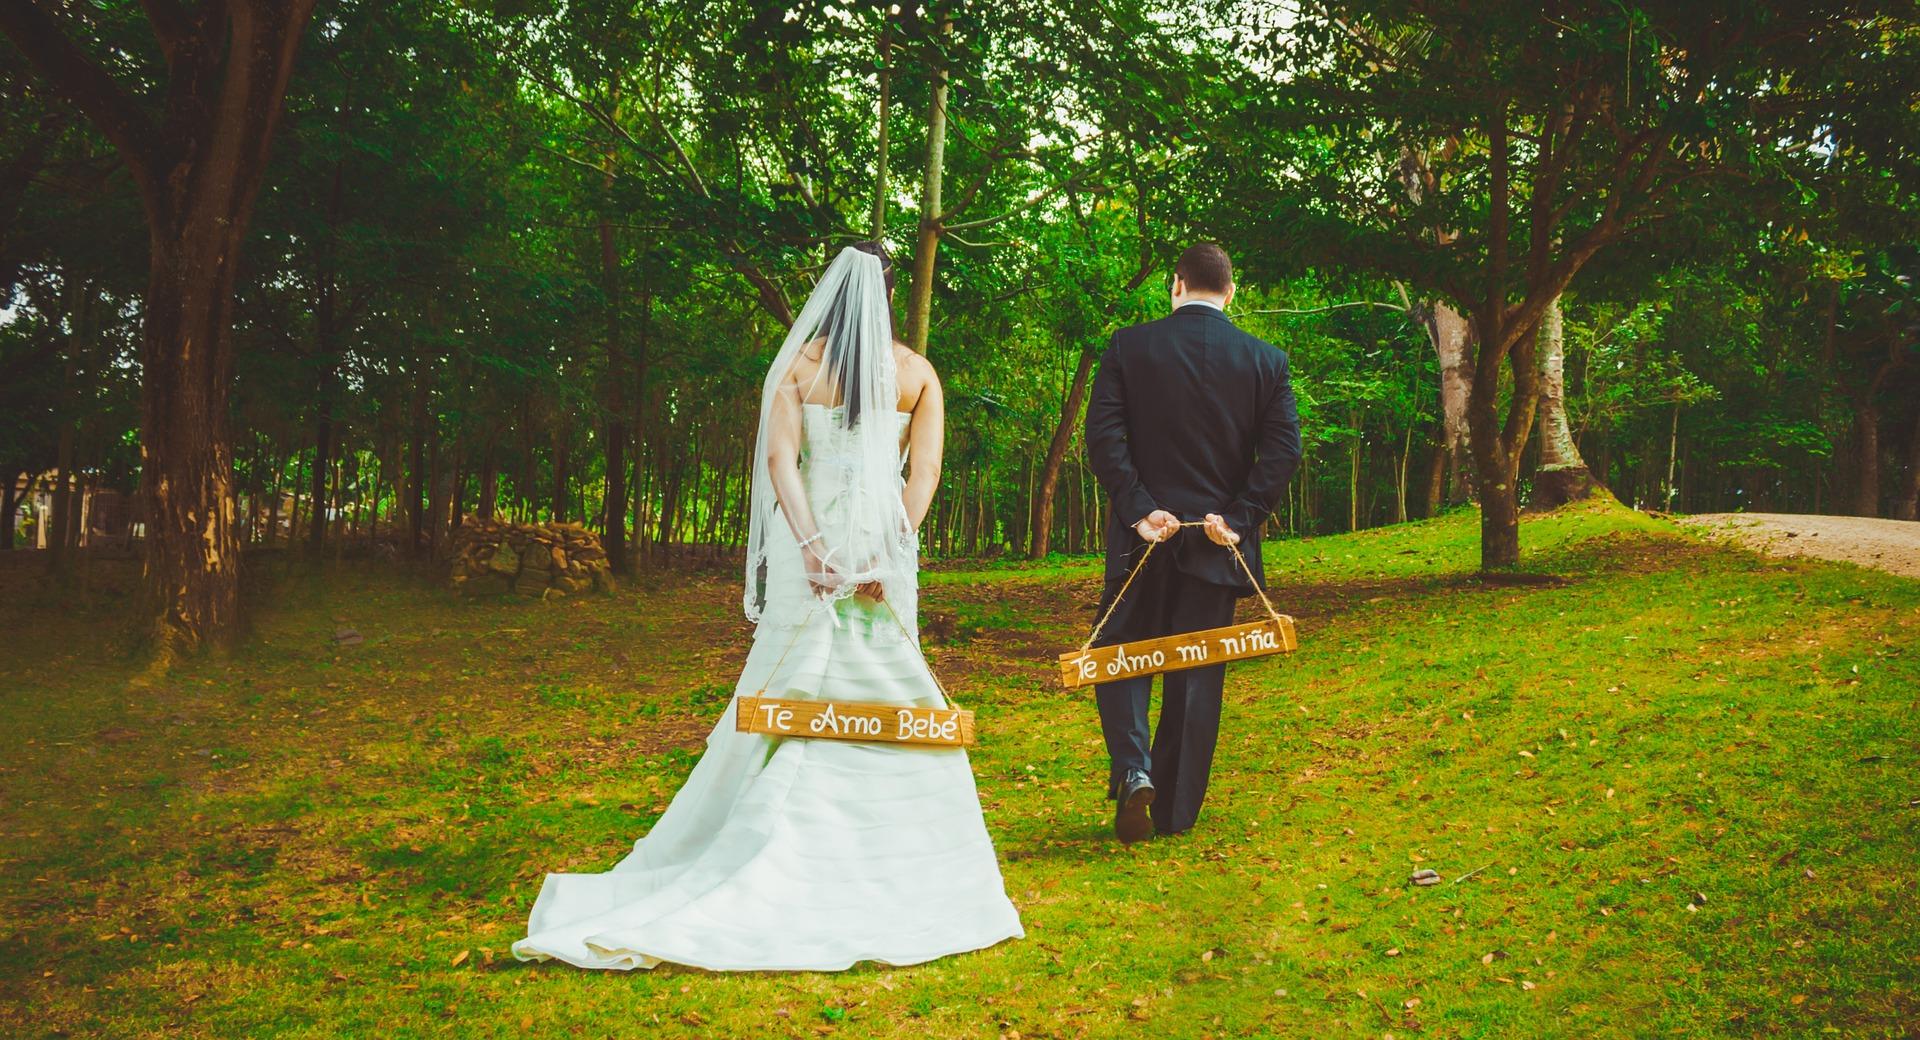 Shibuse ecommerce wedding green